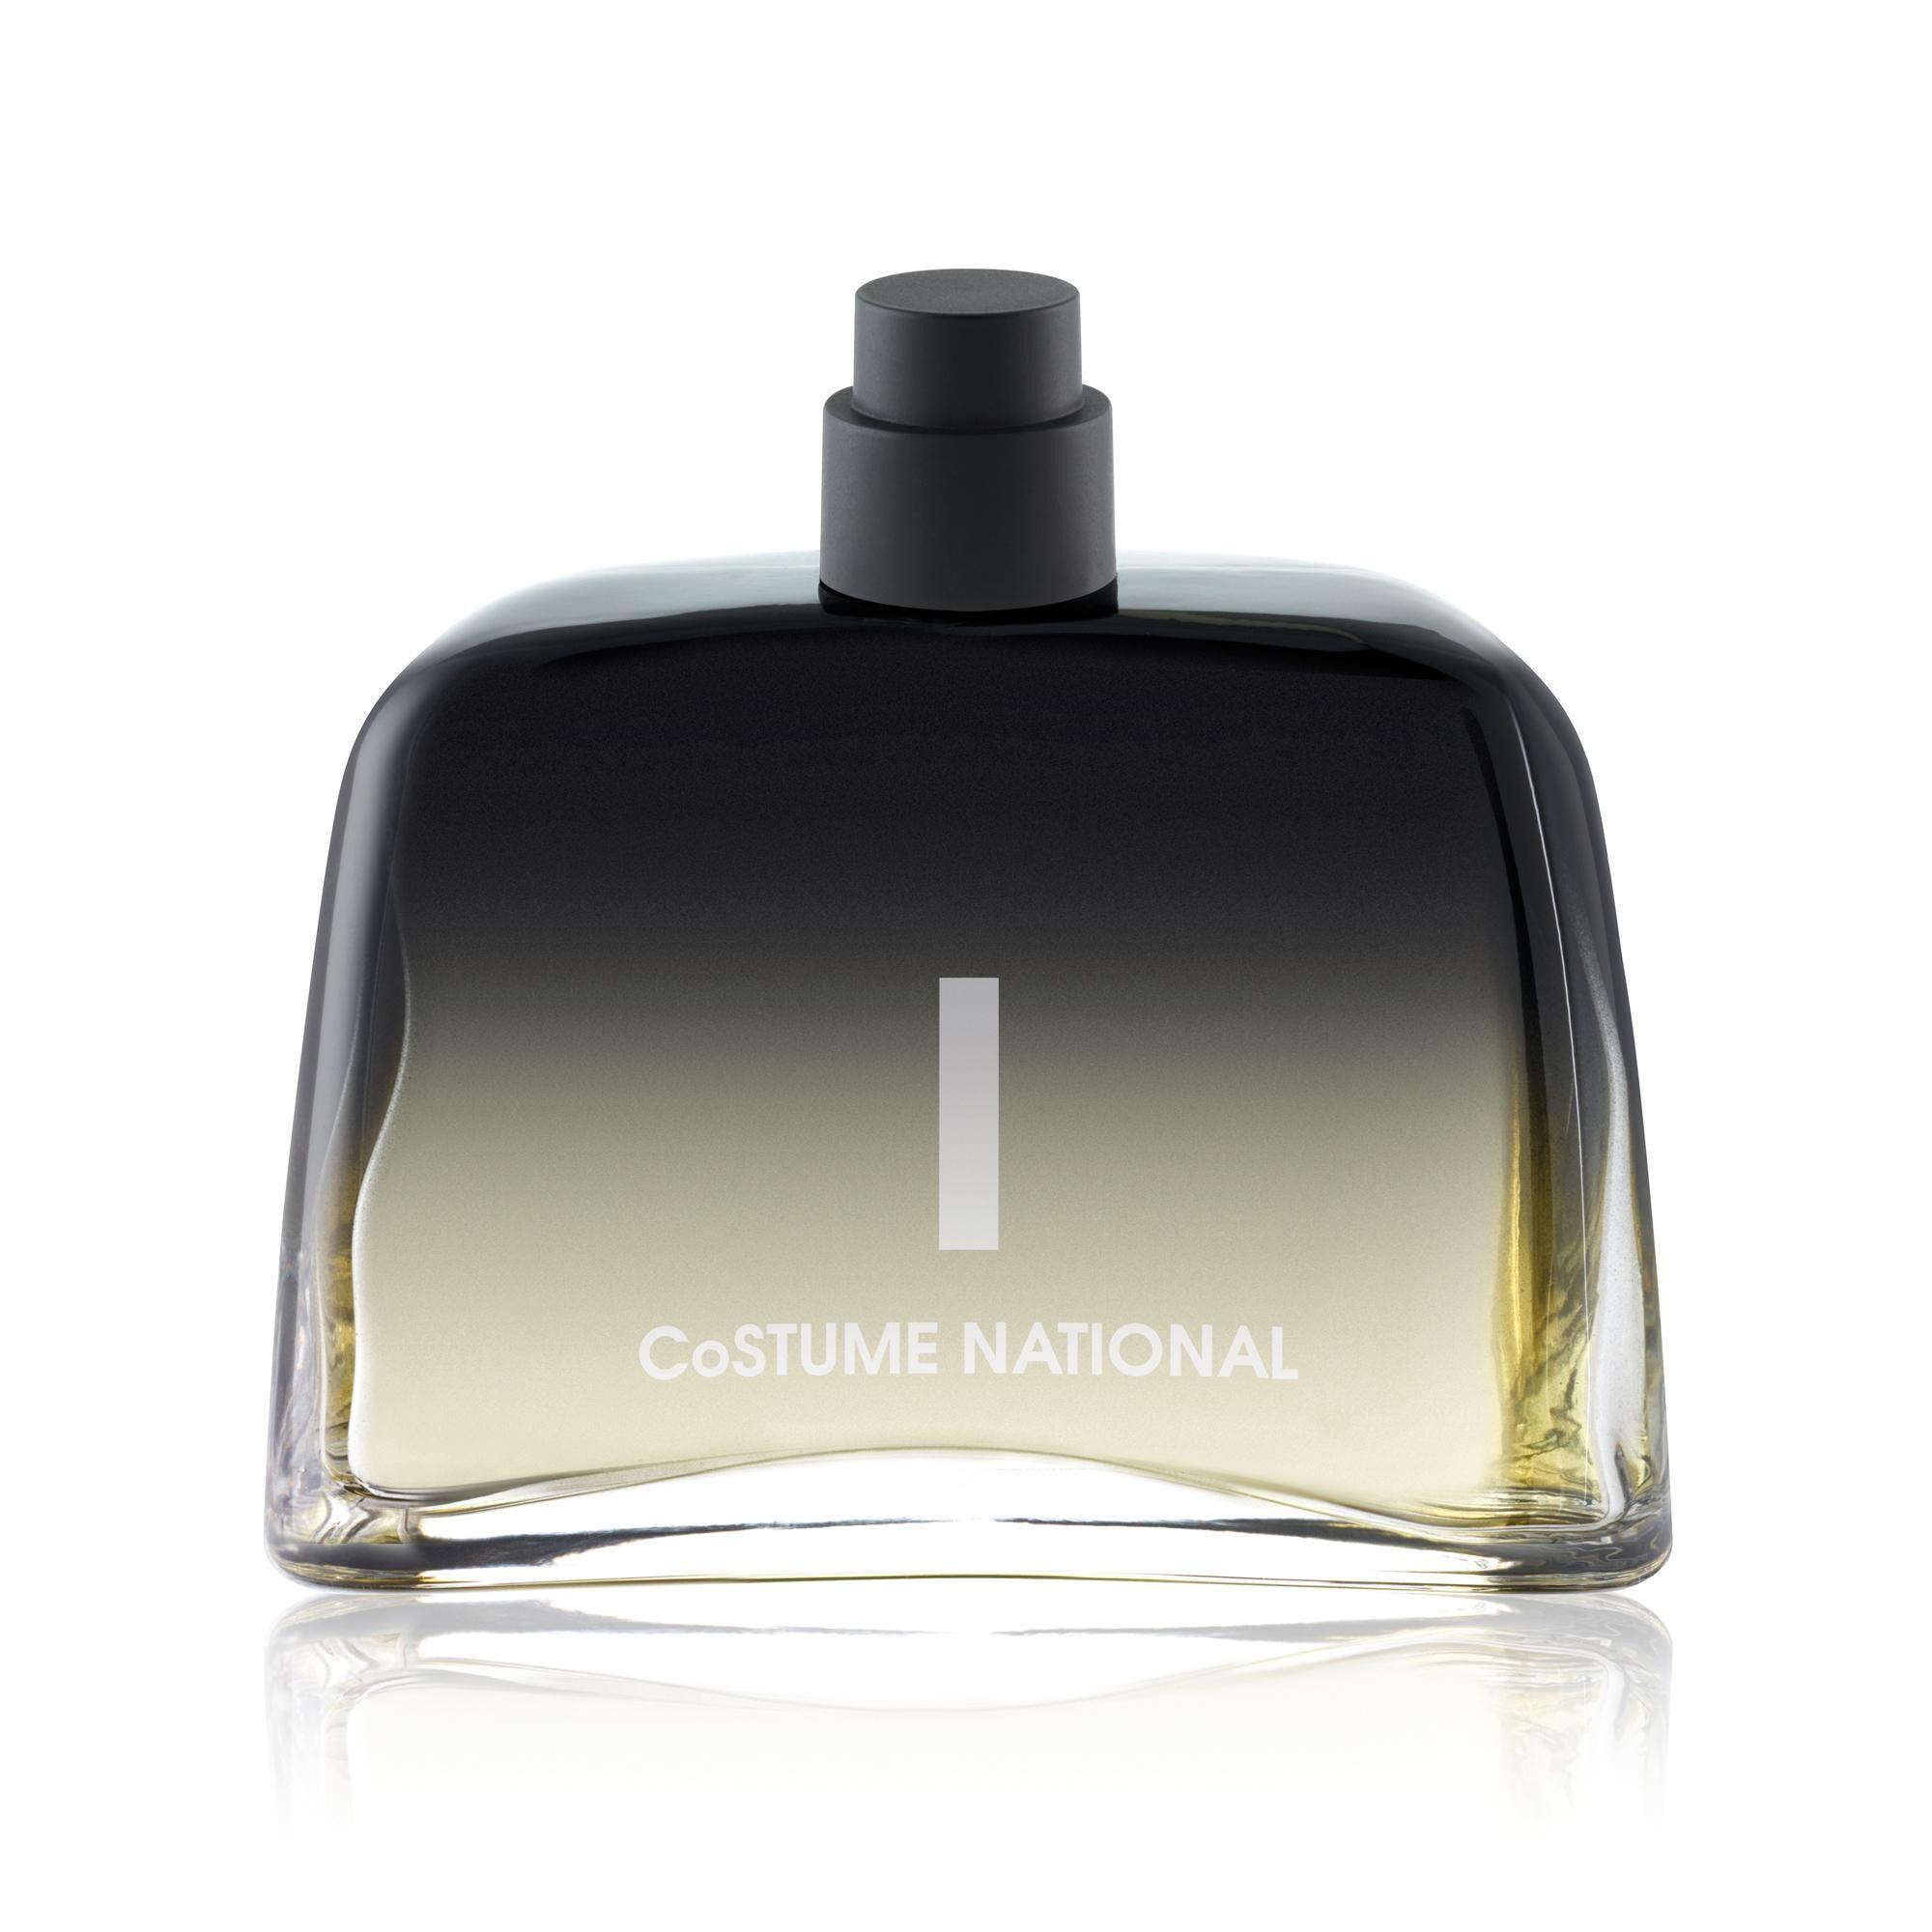 COSTUME NATIONAL SCENTS I eau de parfum 100ml